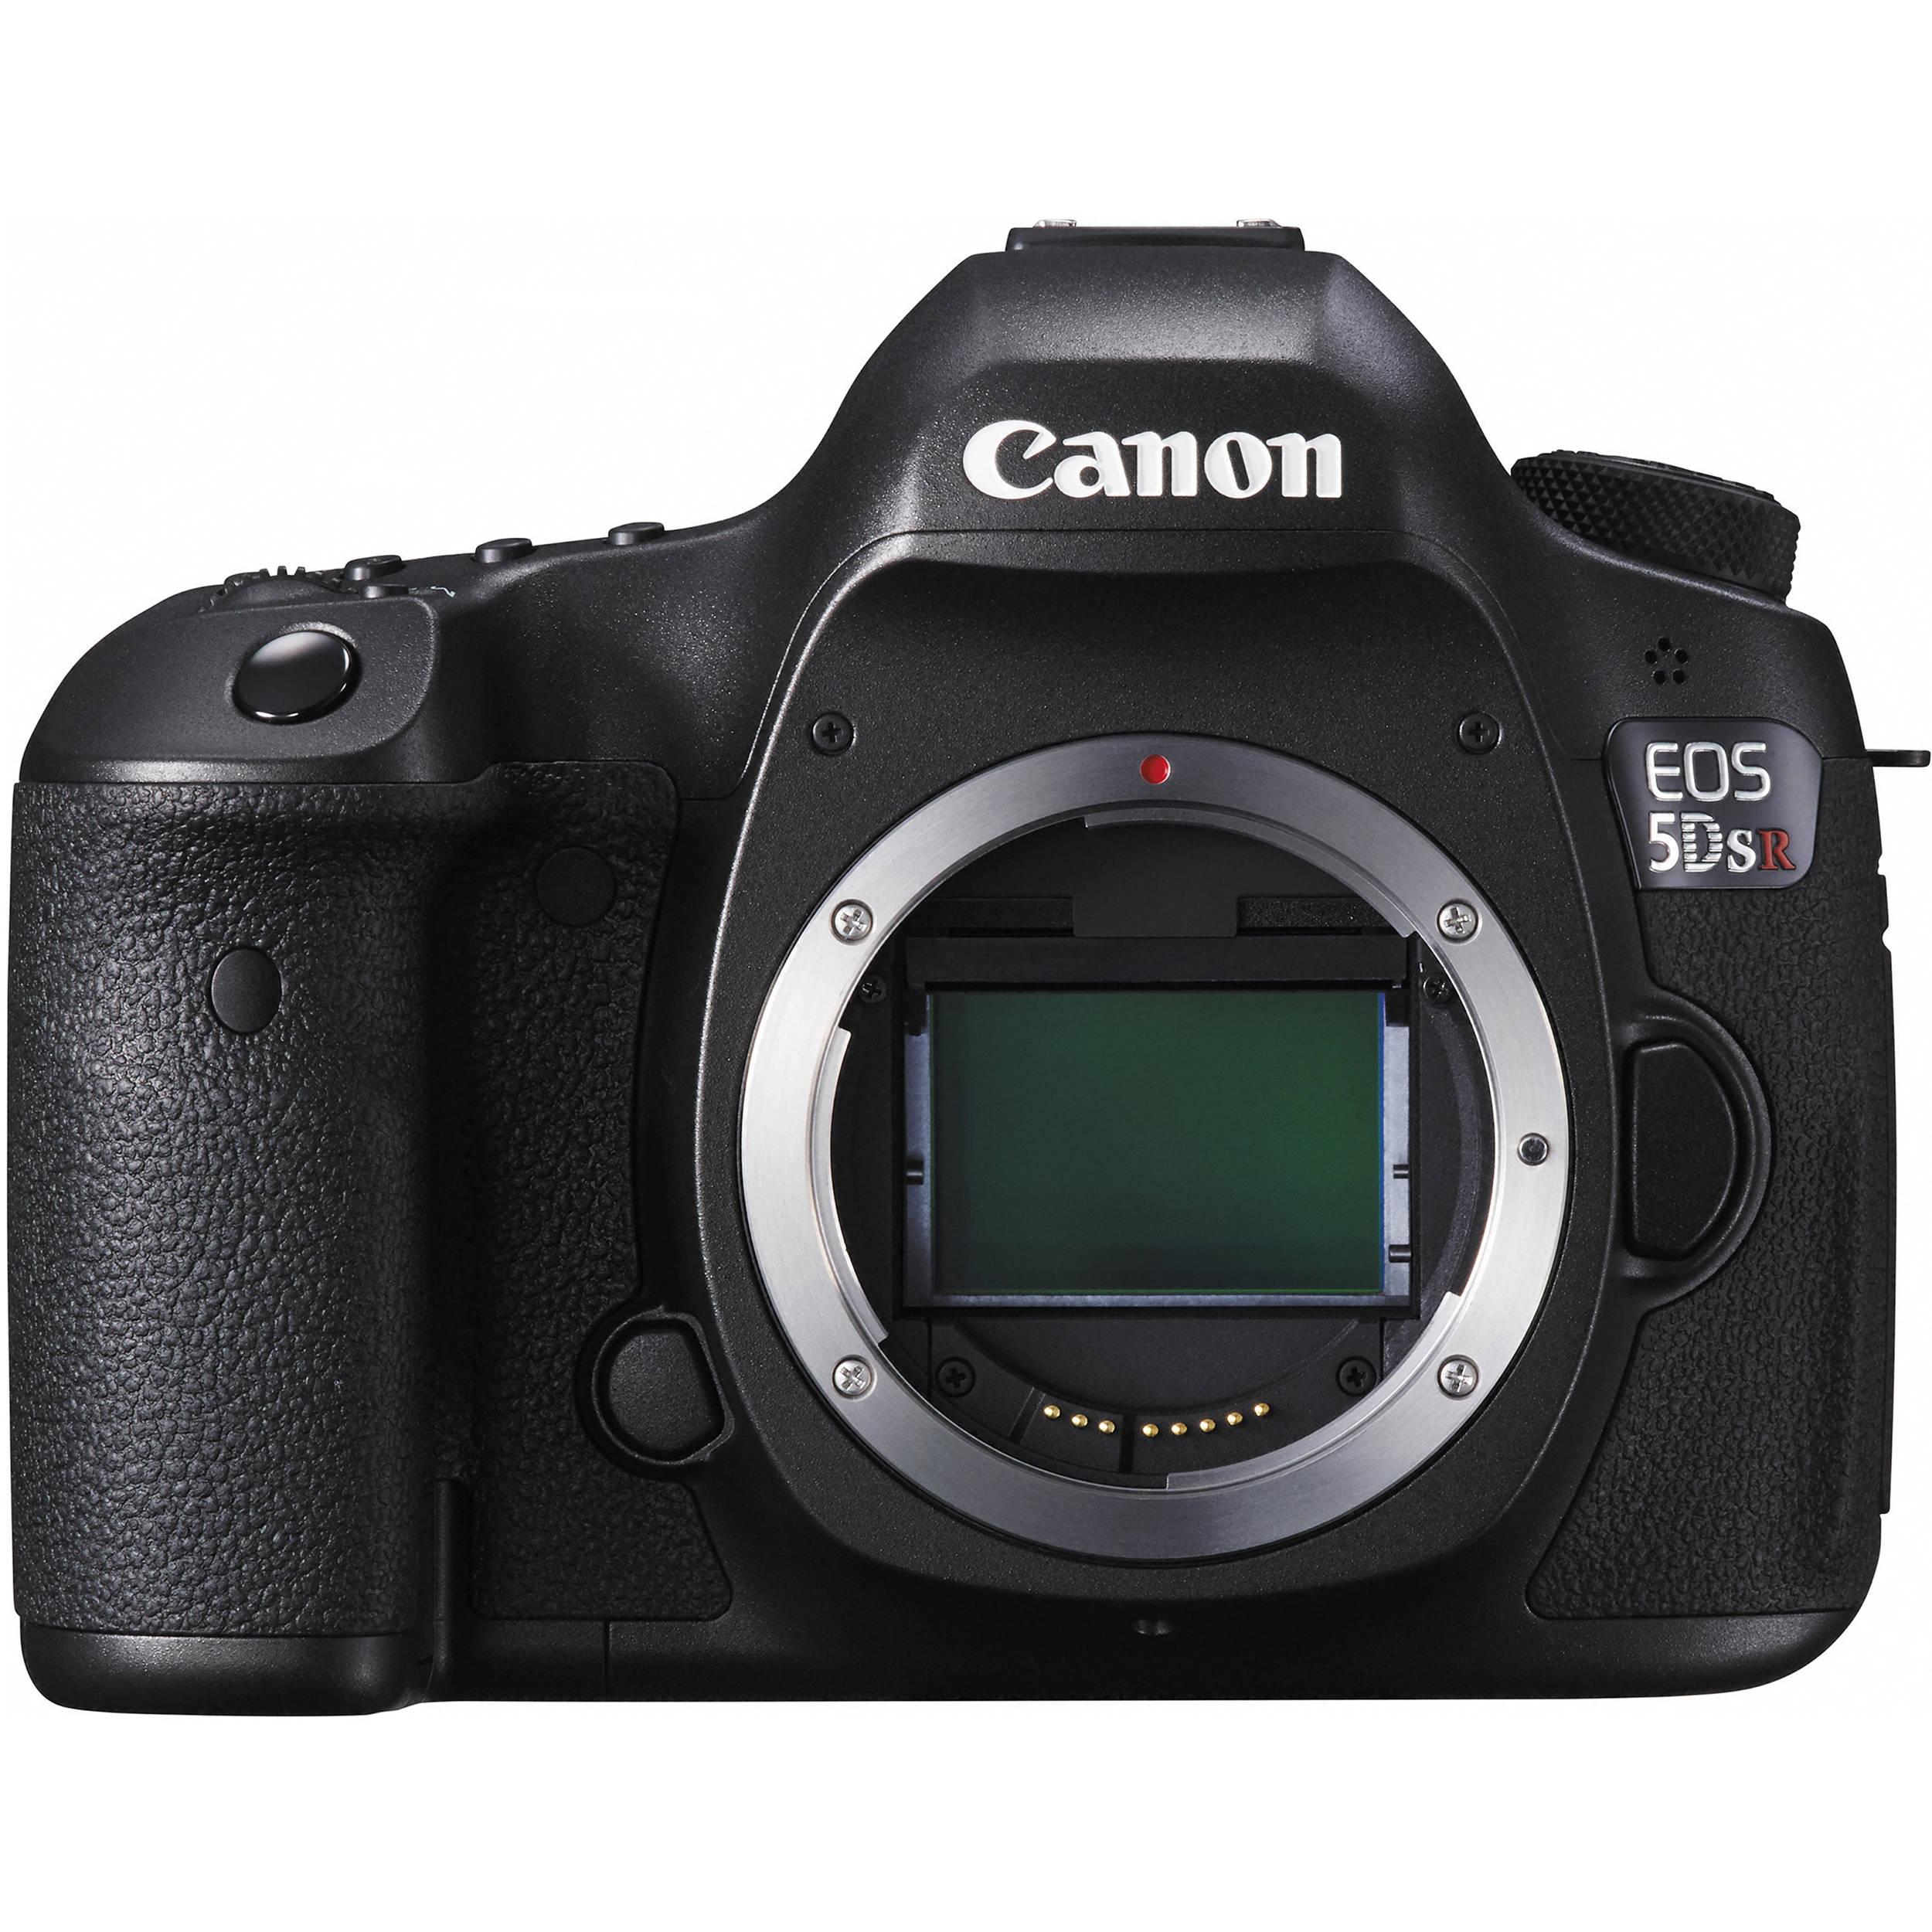 Купить в кредит профессиональный фотоаппарат